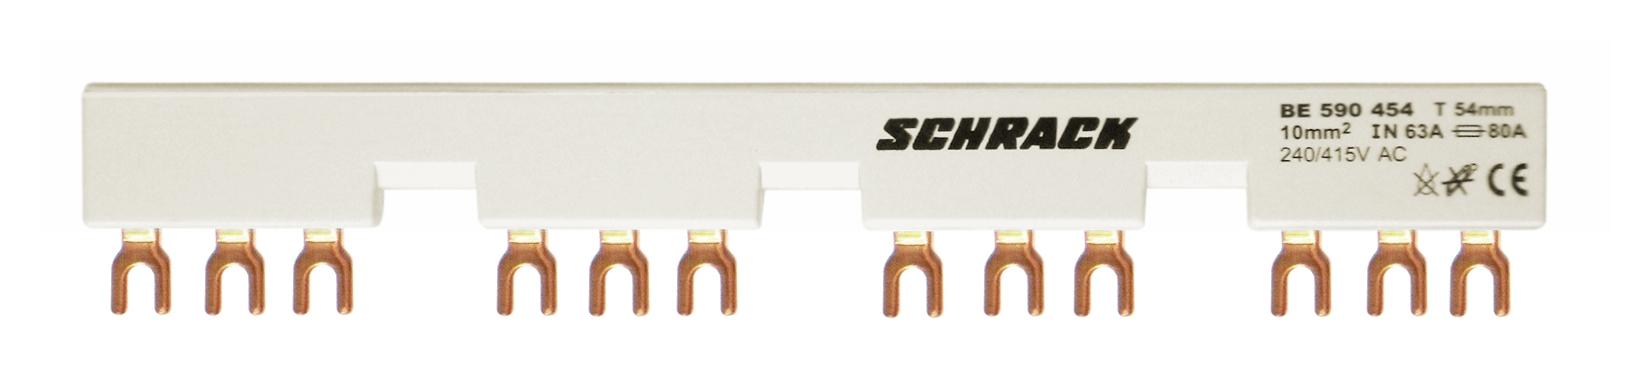 1 Stk Verschienung für 4xBE5+Hilfskontakt 54mm Gabel 63A BE590454--